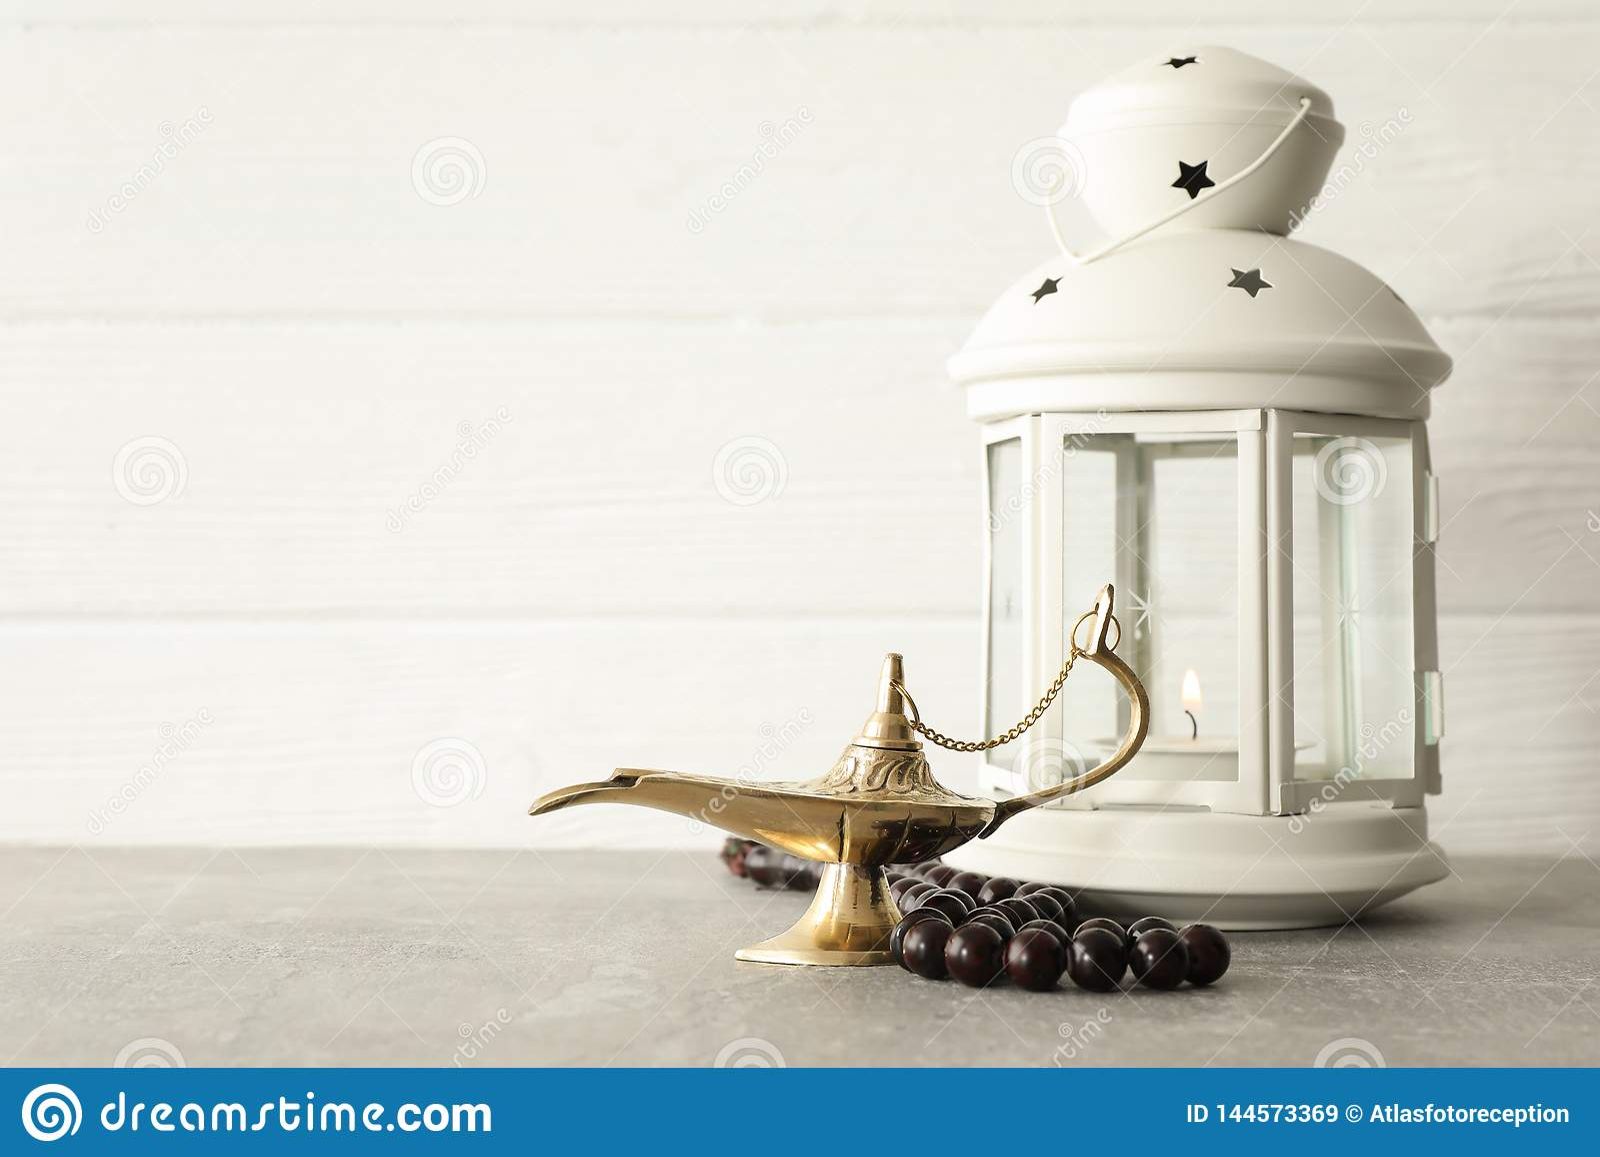 Magisch Aladdin Lamp met gebedparels en Ramadanlantaarn op grijze lijst